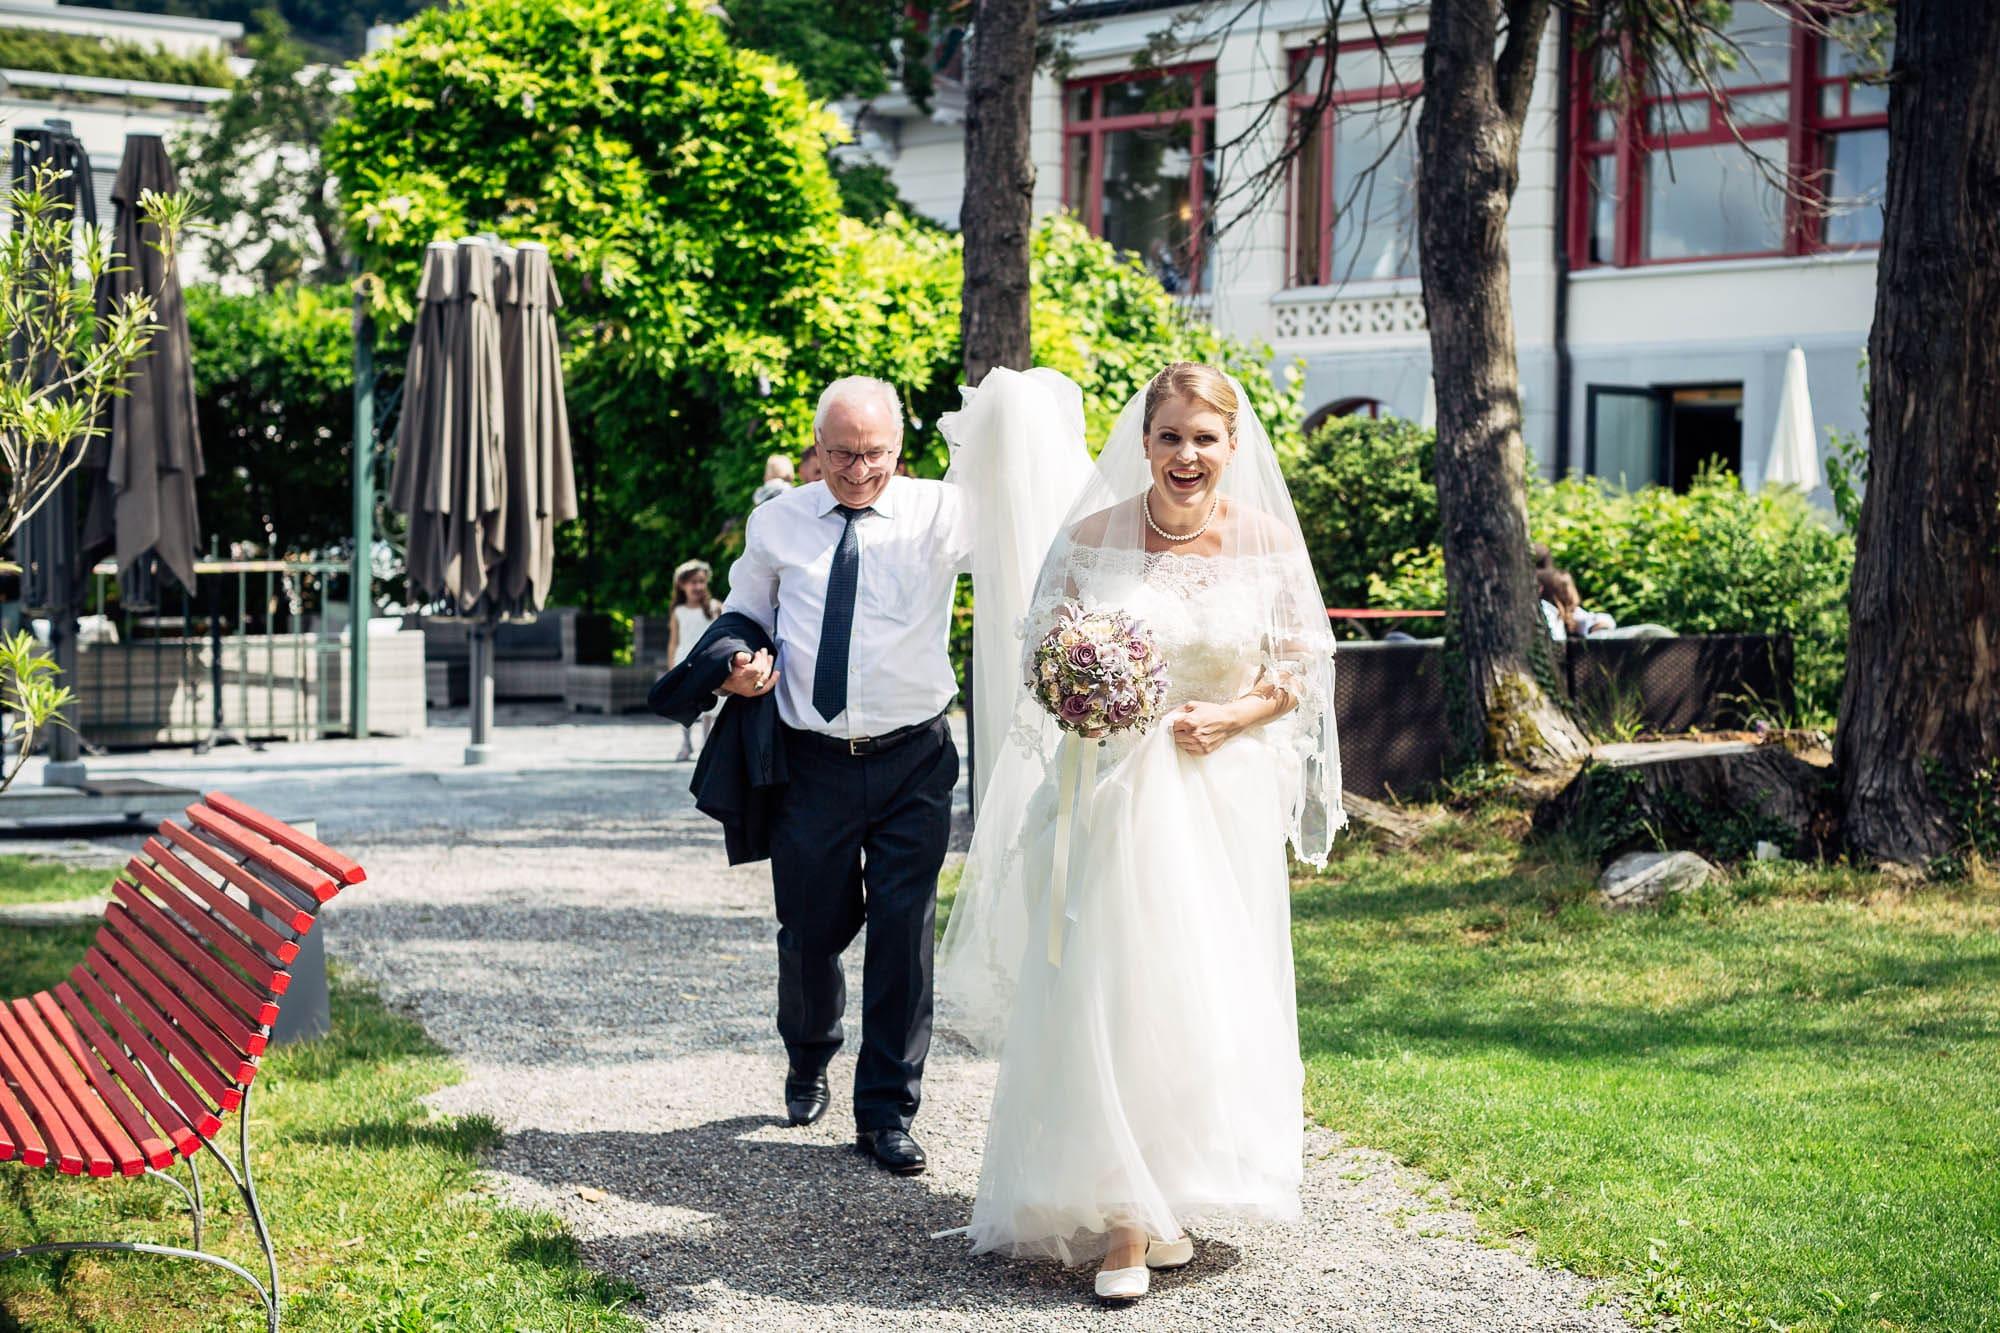 Brautpaar sieht sich zum ersten Mal. Reaktion der. Braut